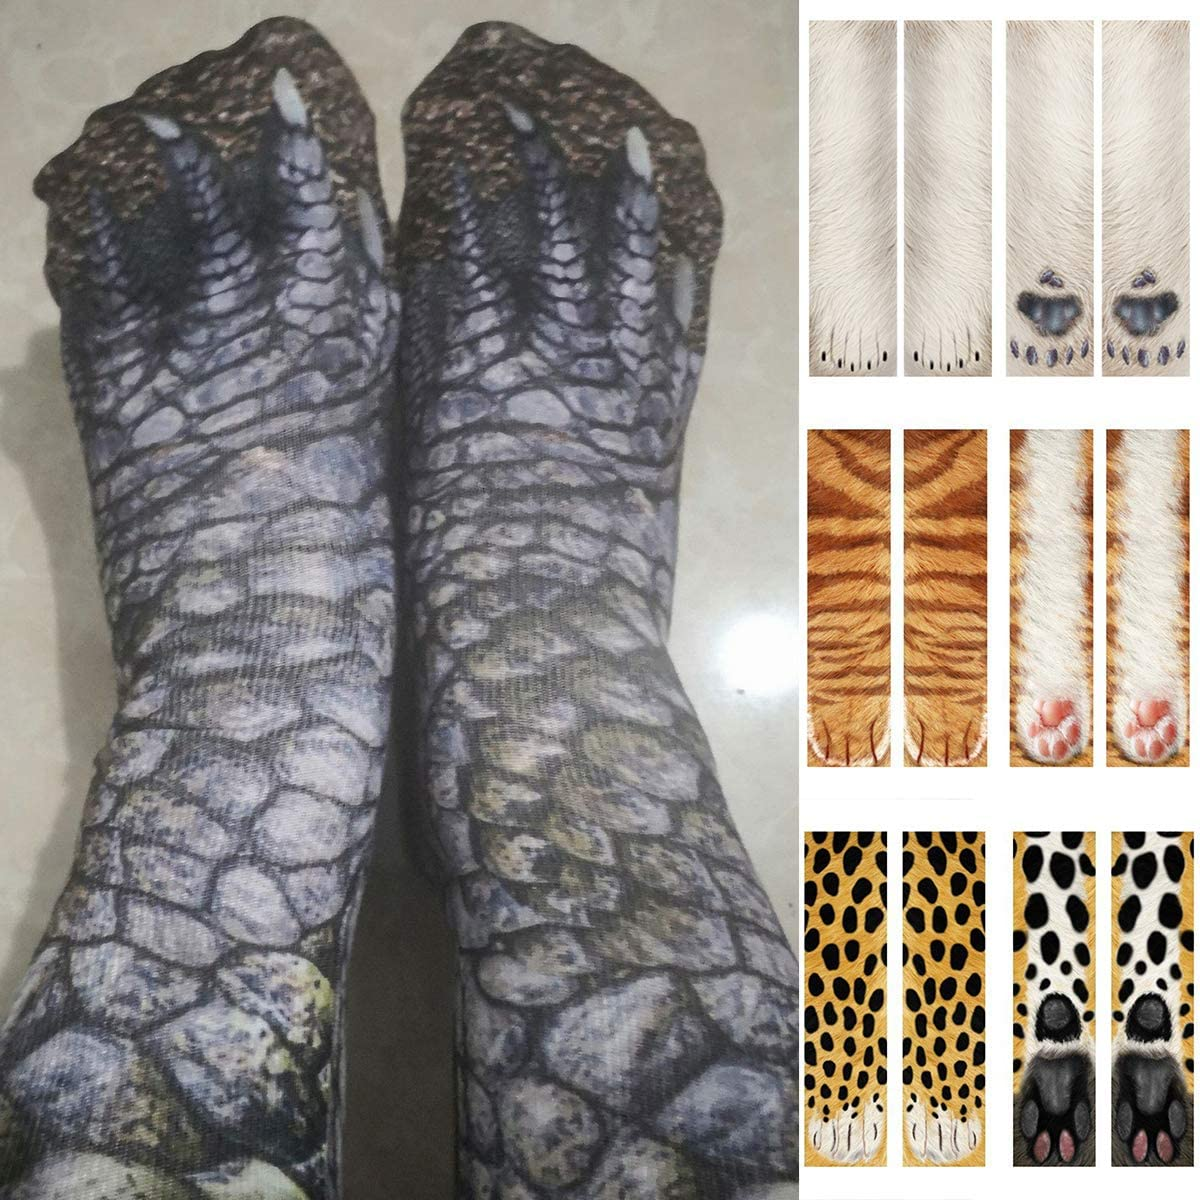 NCONCO Adulte Enfants 3D Animal Patte Chaussettes Chat Tigre Pieds Imprimer Pied /Équipage Chaussettes /Élastique Bonneterie